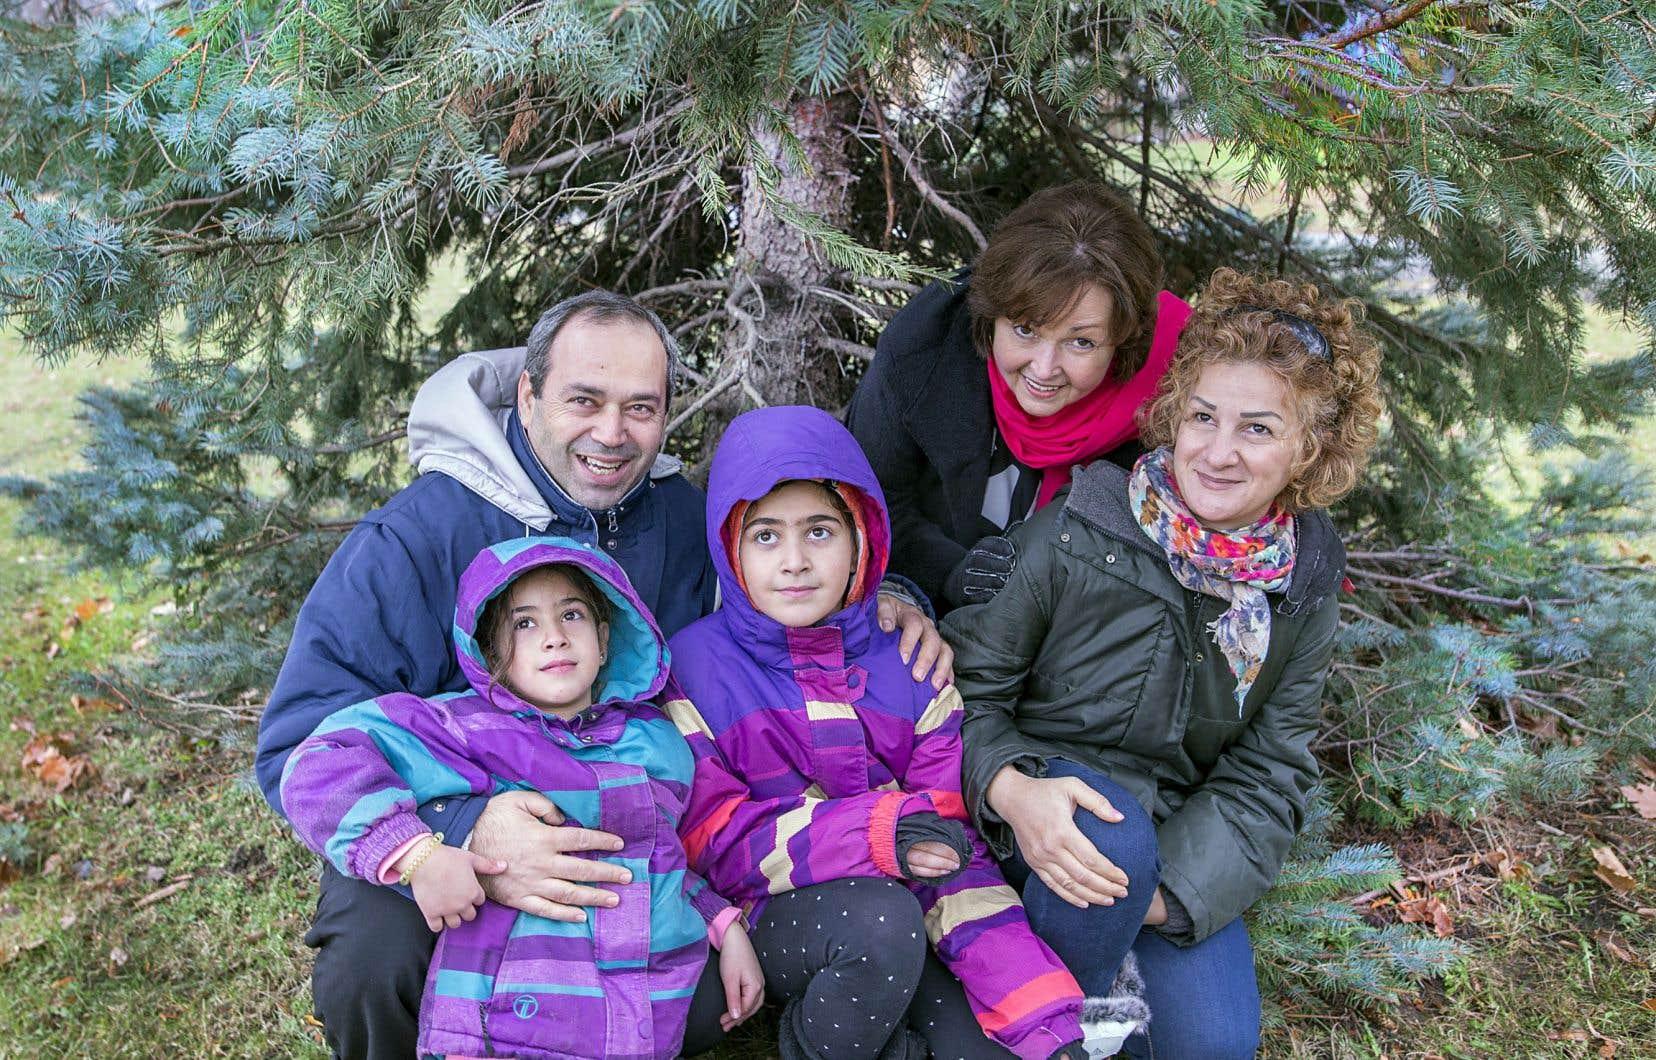 Amar Lotfallah entourant ses filles Jessica et Batricia avec Lise Maynard et Fadia Bashour, une crèche vivante recomposée au Québec